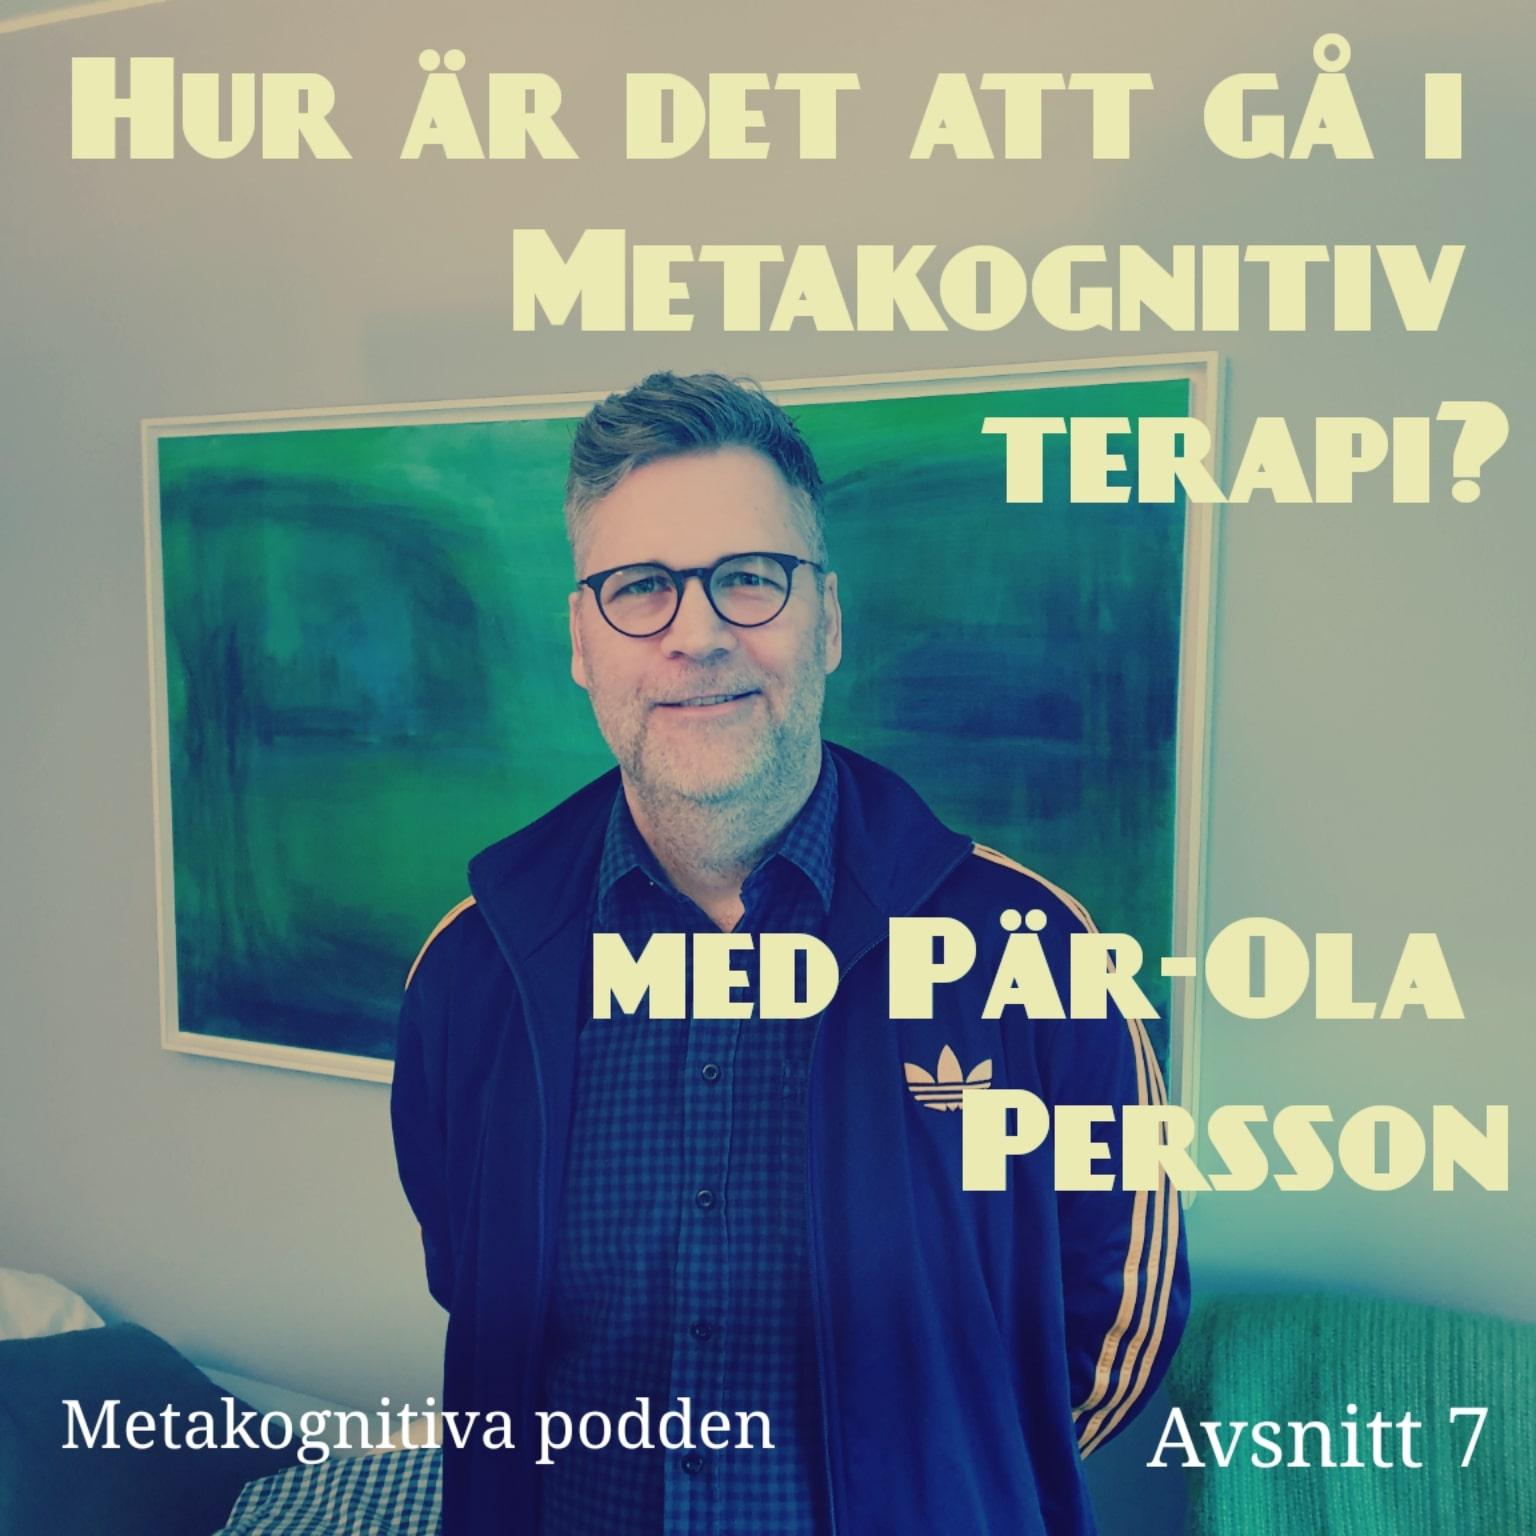 7. Hur är det att gå i Metakognitiv terapi? med Pär-Ola Persson